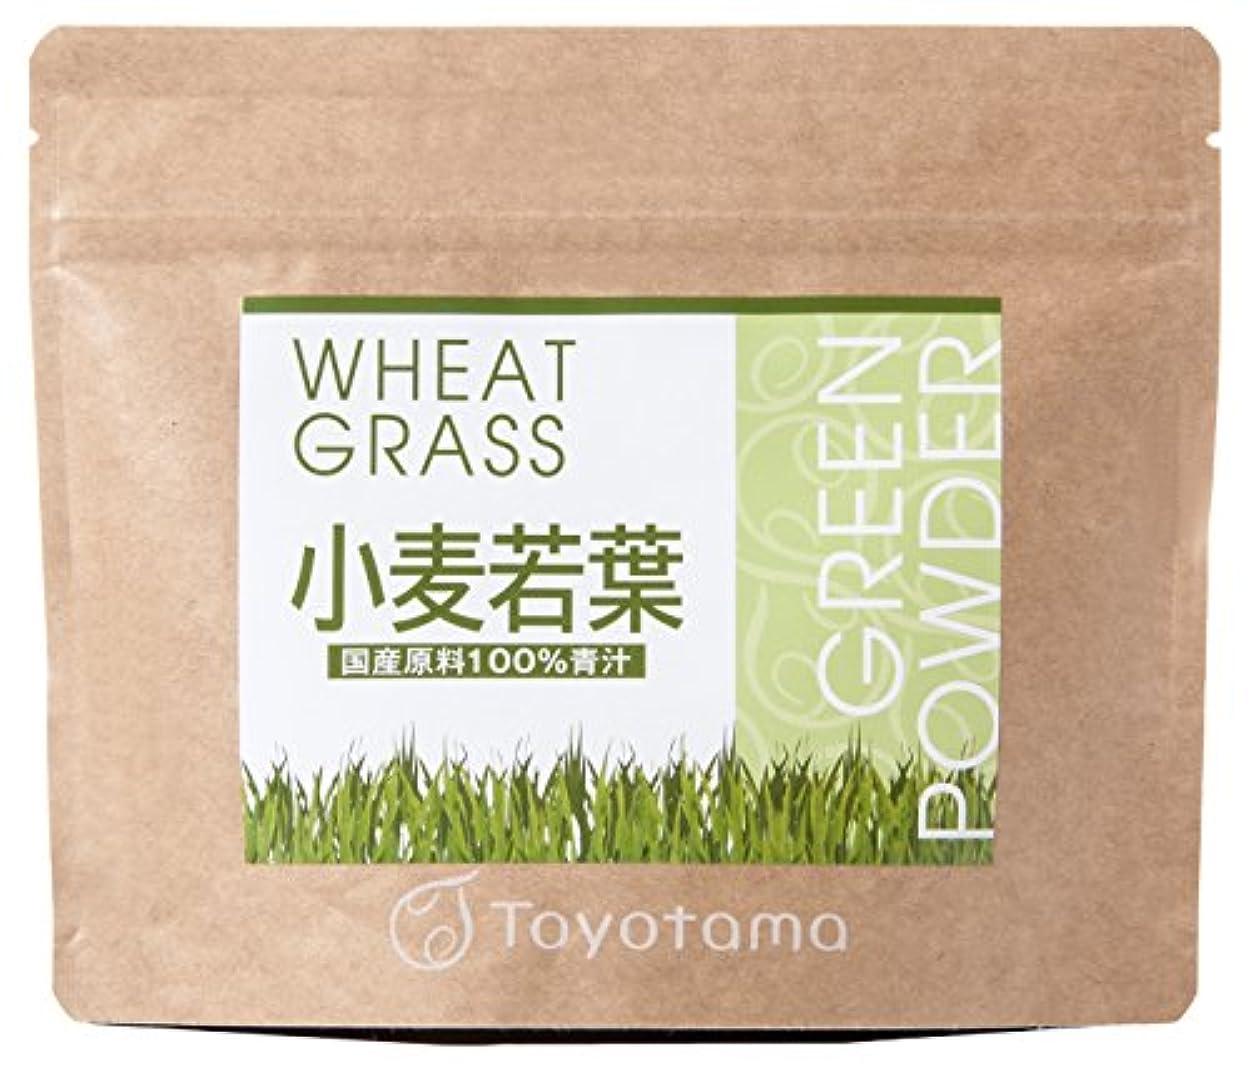 リーガン砂の自信があるトヨタマ(TOYOTAMA) 国産小麦若葉100%青汁 90g (約30回分) 無添加 ピュアパウダー 1096314